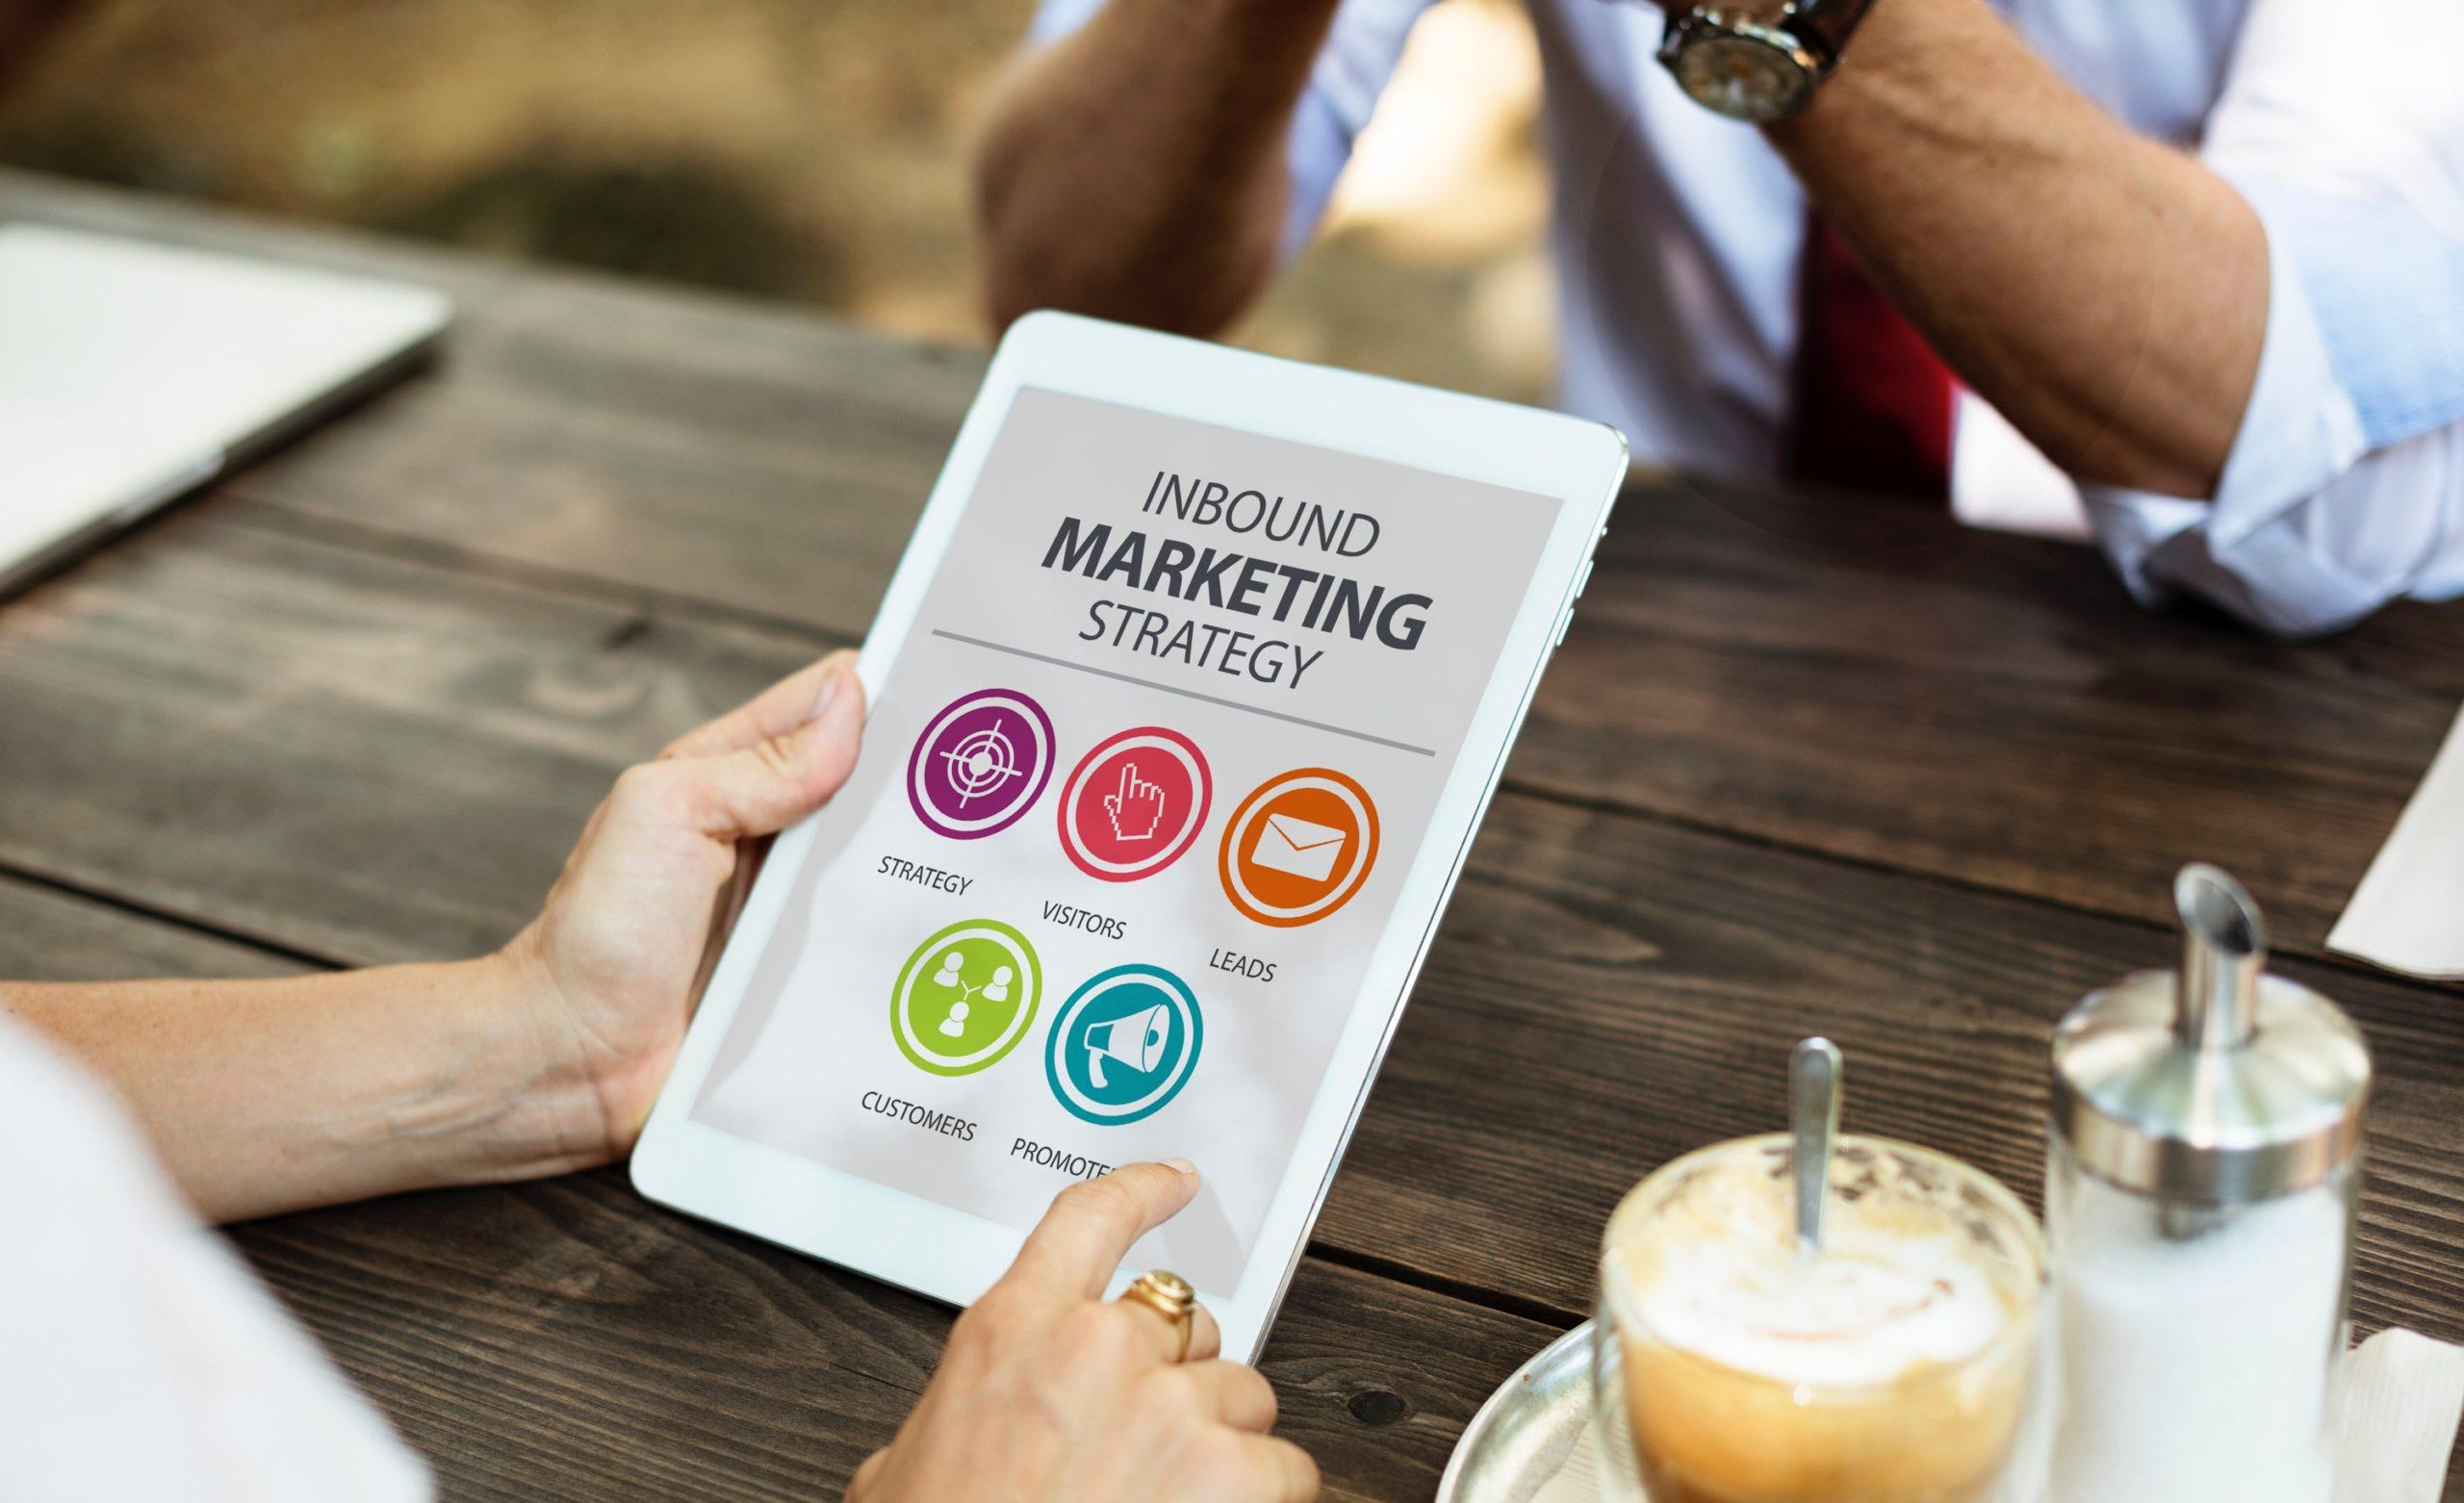 ¿Cómo se puede aprender más acerca de inbound marketing?